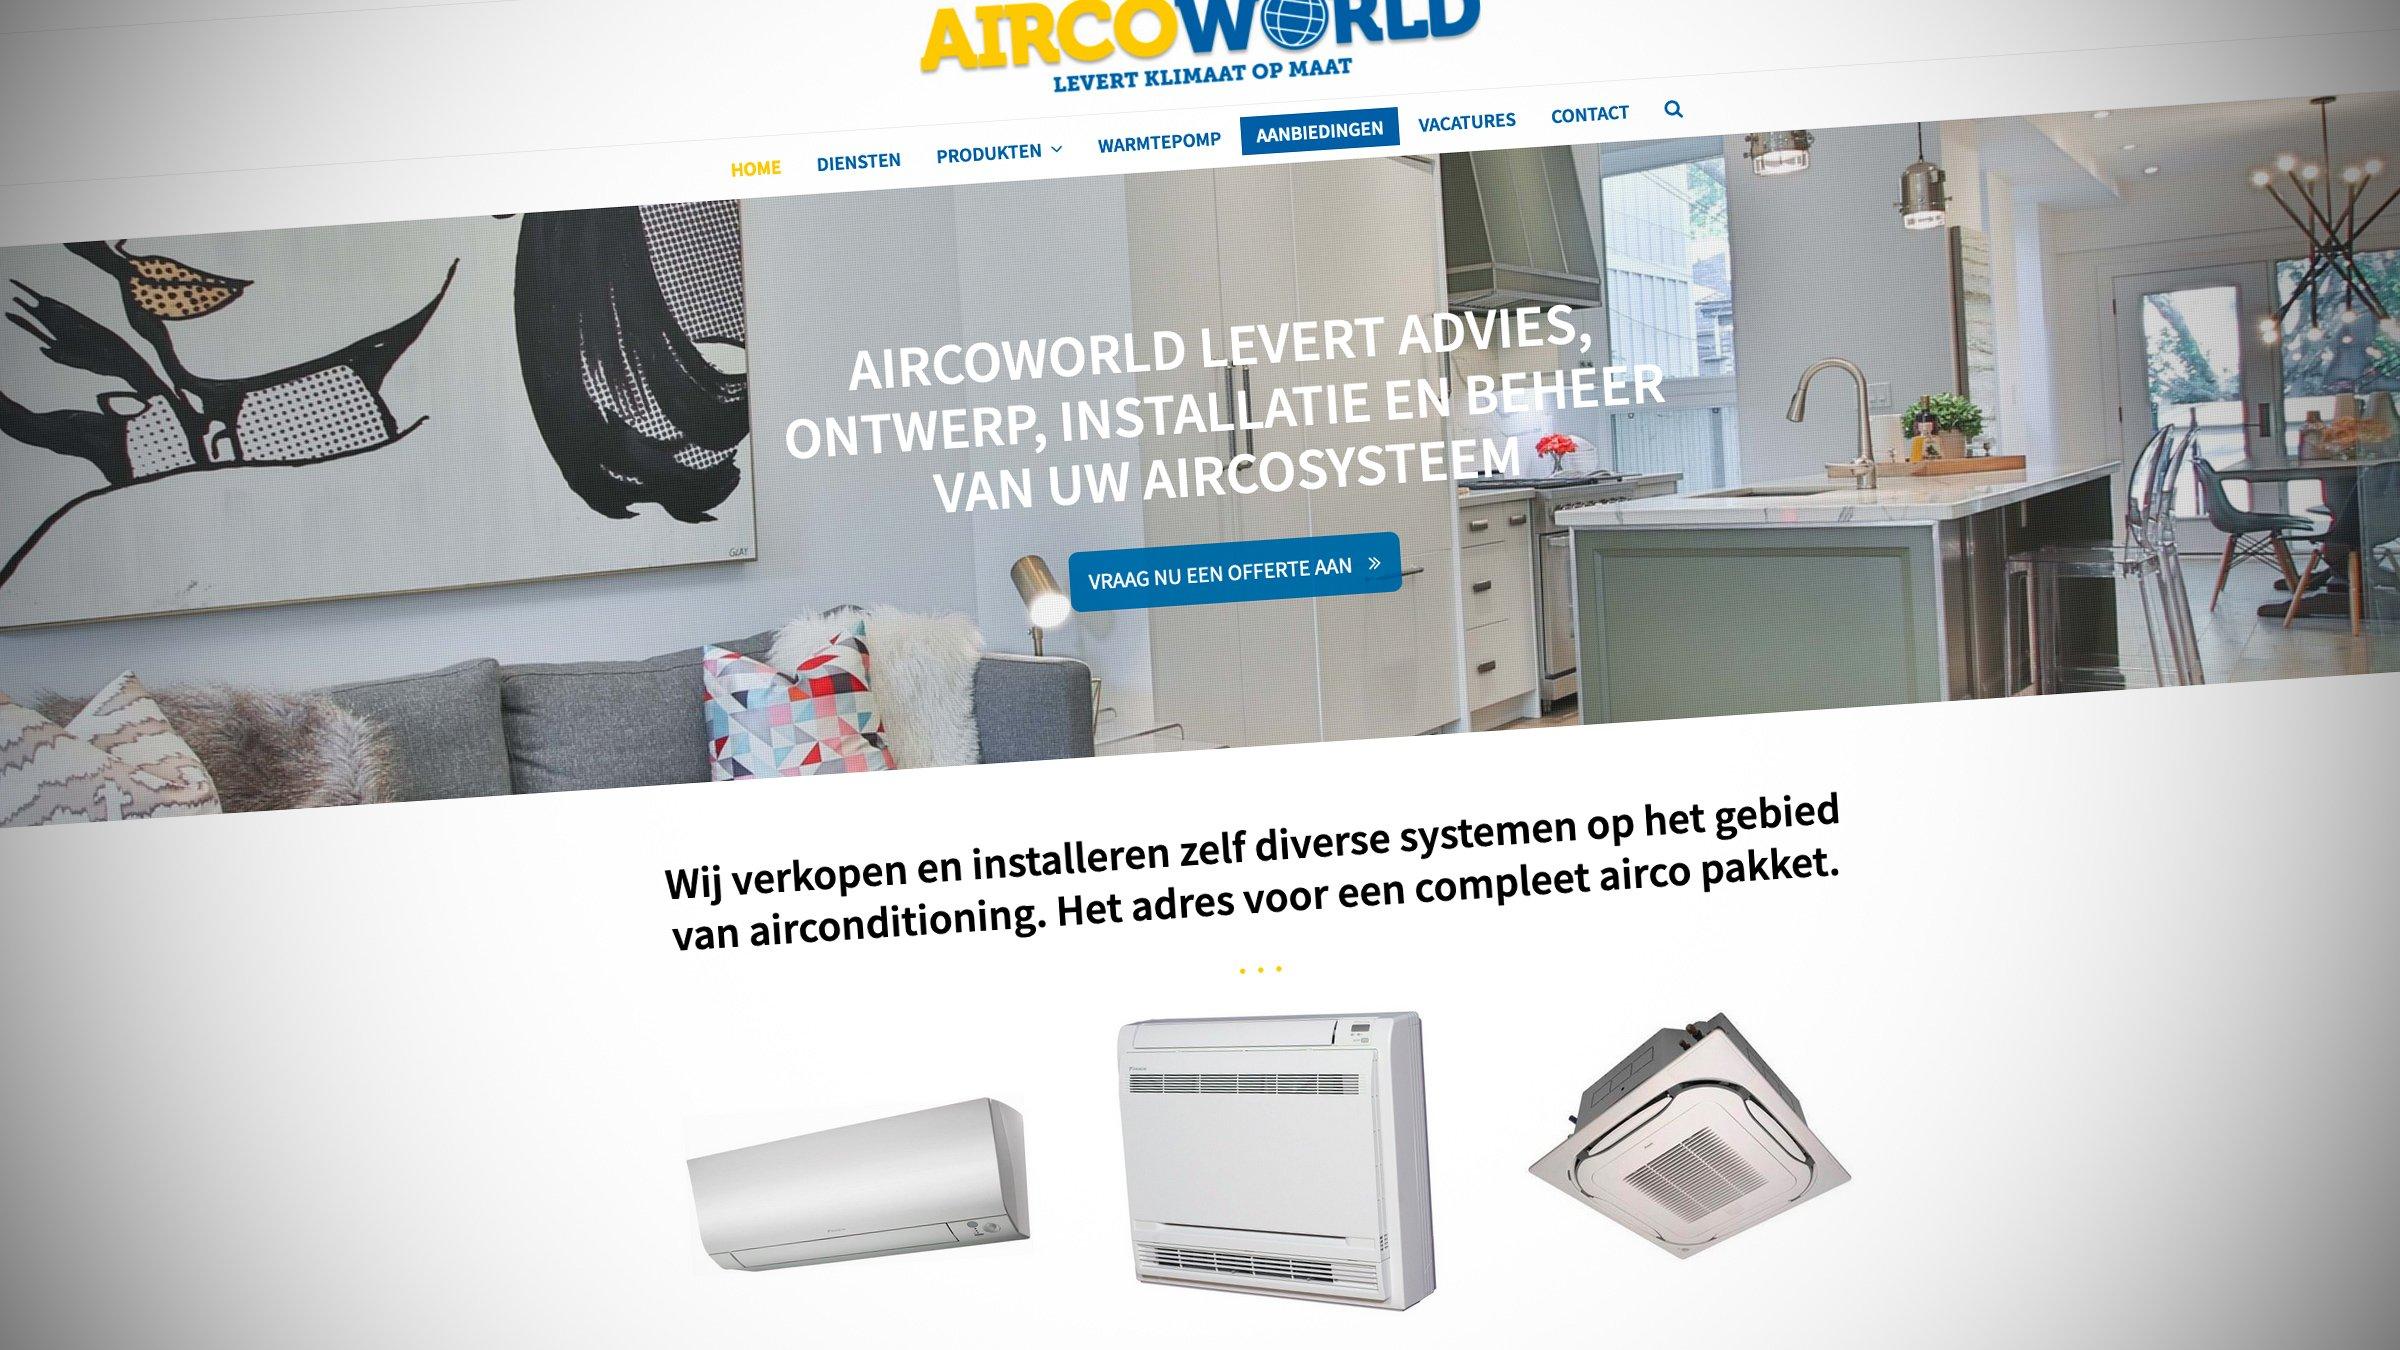 Aircoworld Uit Hilversum Heeft Een Nieuwe Website. Gemaakt Door Sitback